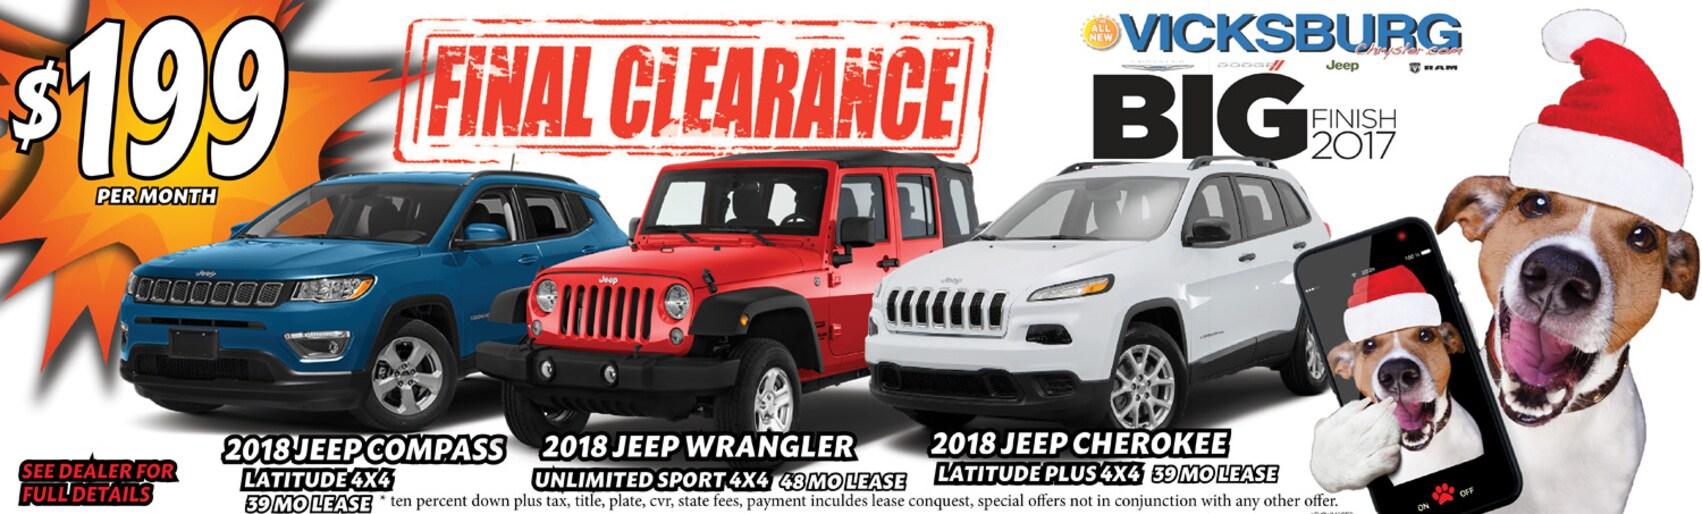 vicksburg chrysler dodge jeep ram new used cars. Black Bedroom Furniture Sets. Home Design Ideas